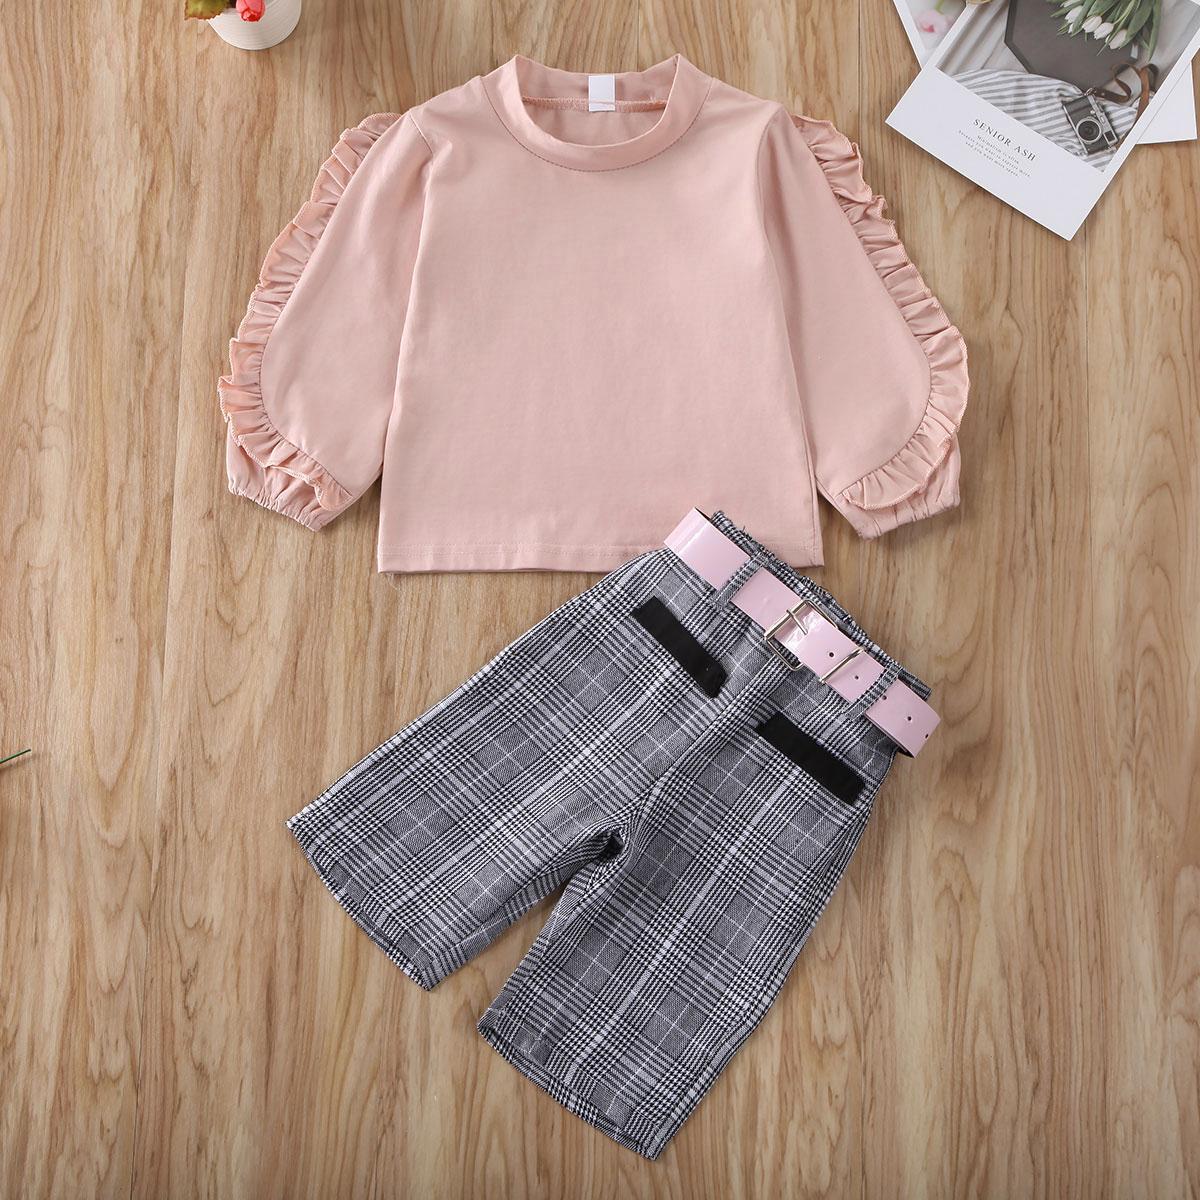 Pudcoco Criança do bebé Roupa cor sólida manga comprida Ruffle Tops Calças mantas curtas Belt Outfit Cotton Clothes Set